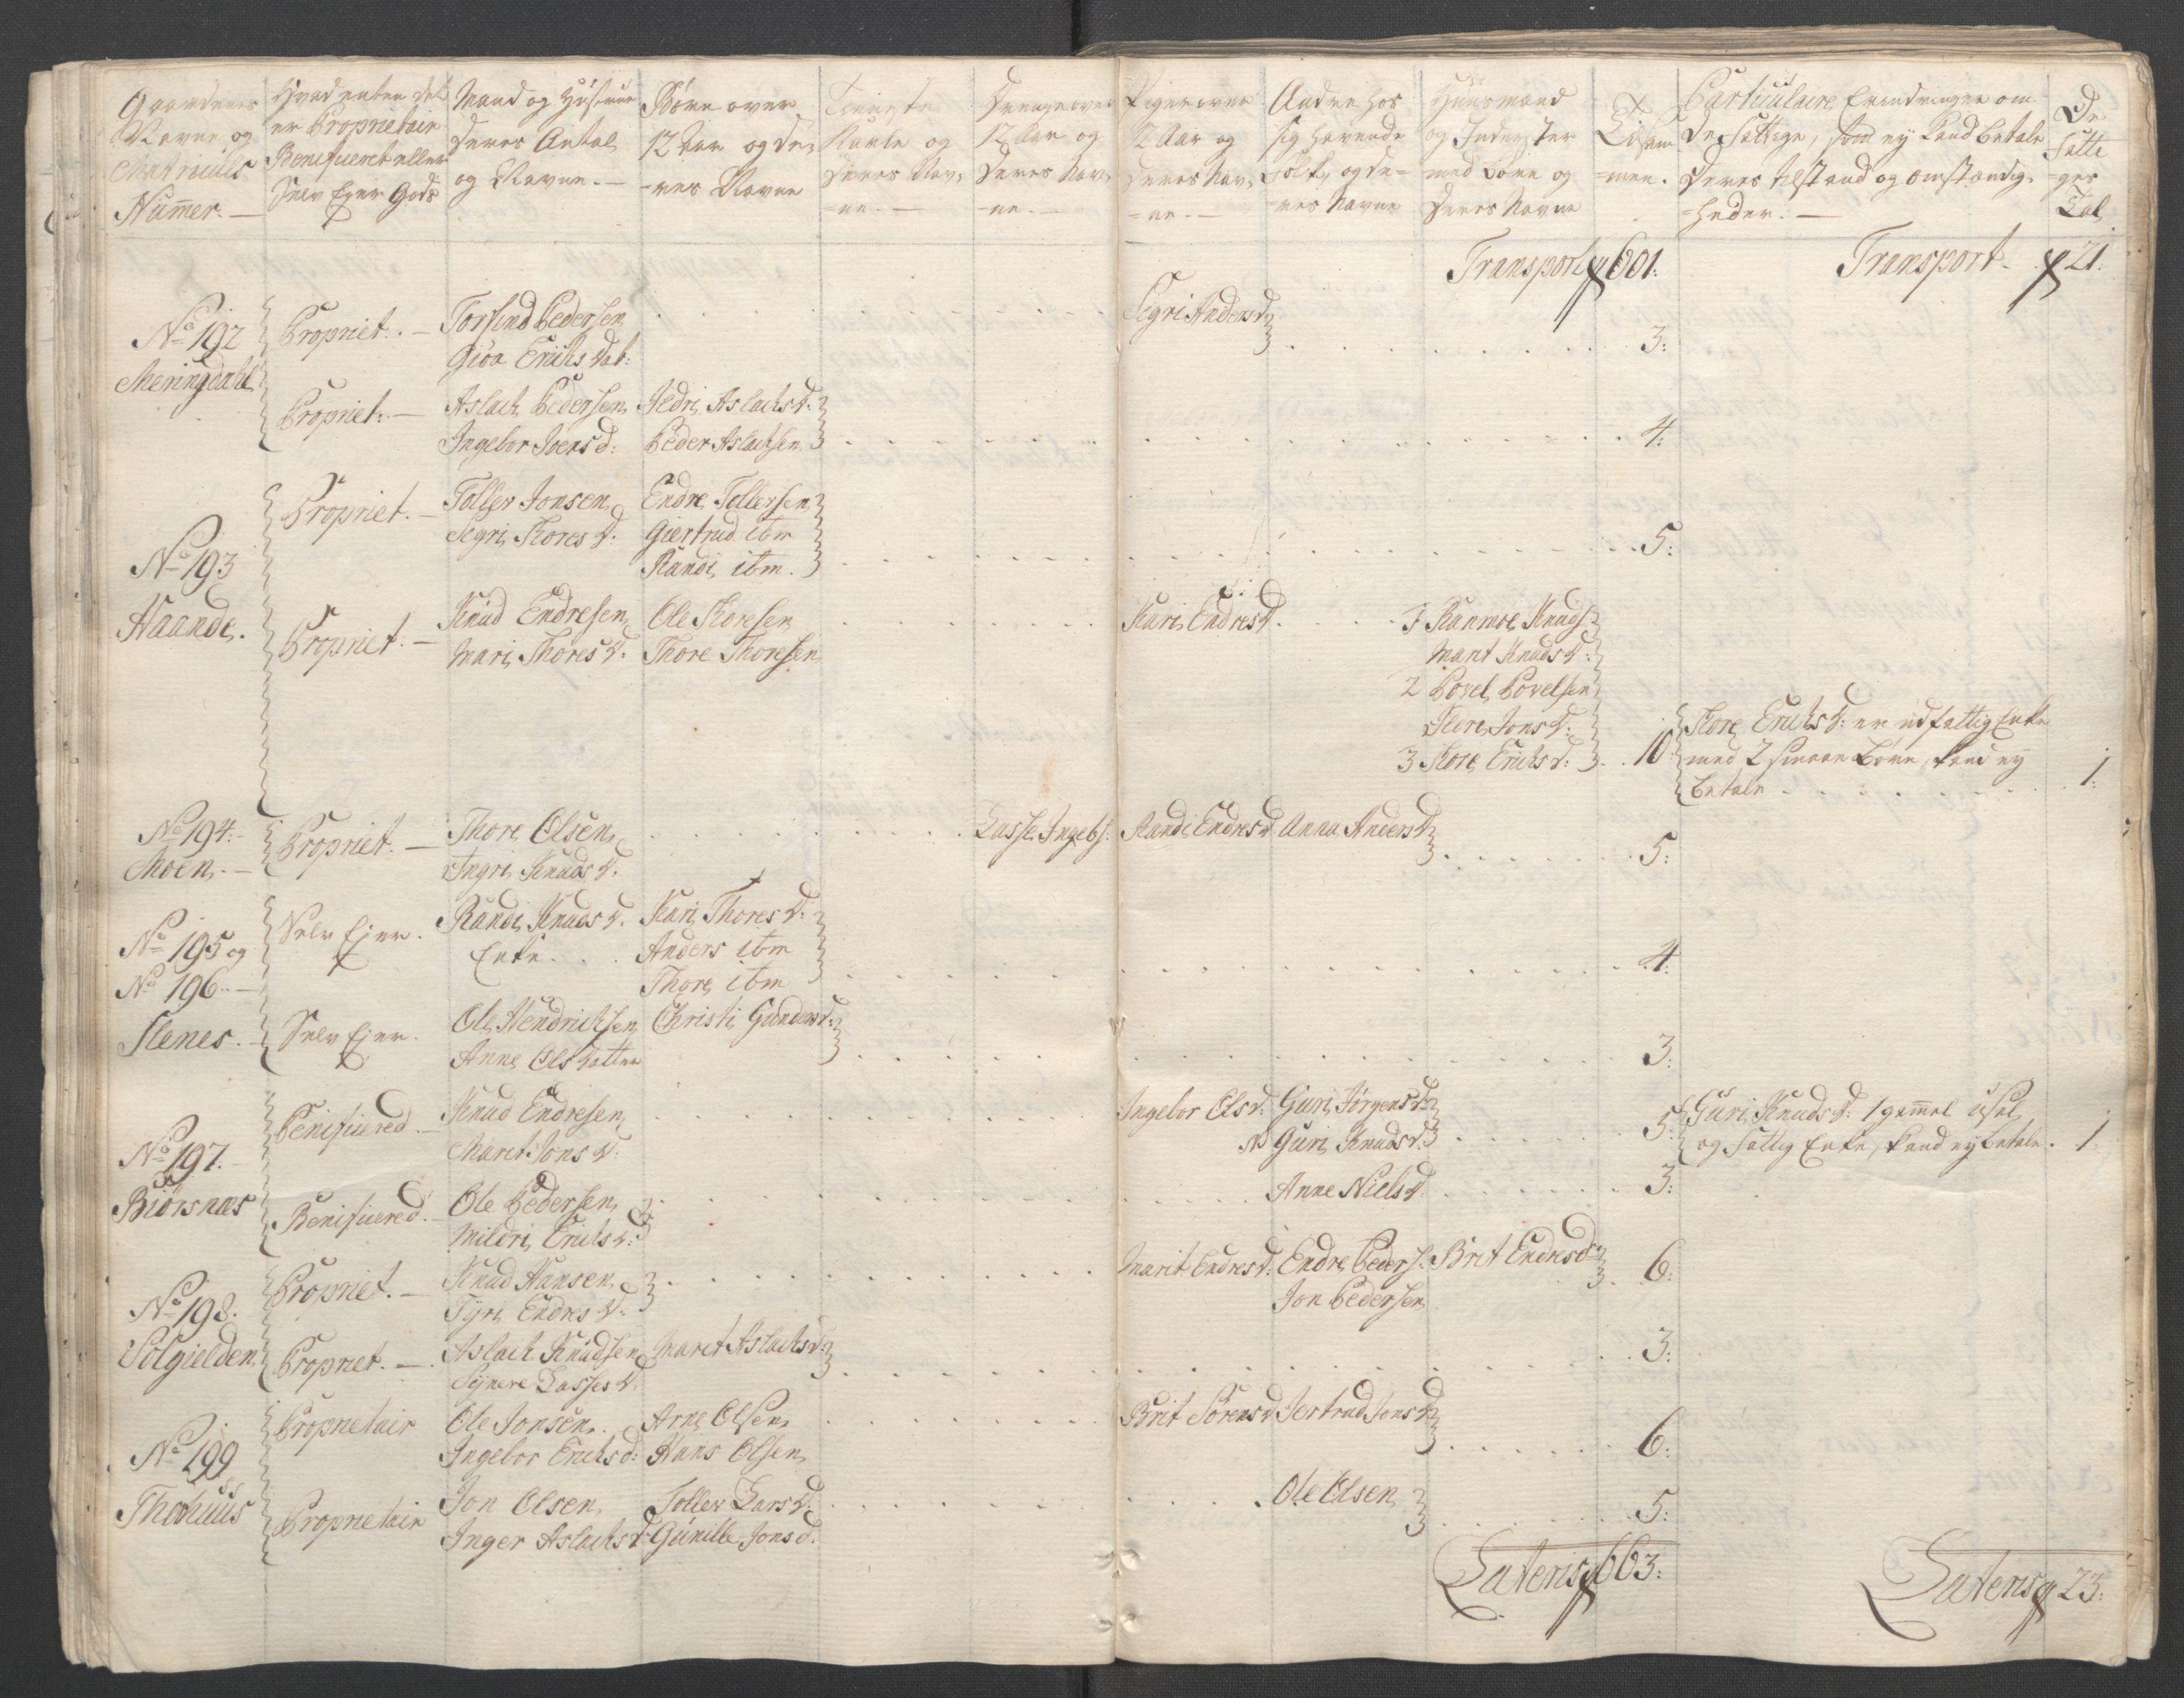 RA, Rentekammeret inntil 1814, Reviderte regnskaper, Fogderegnskap, R55/L3730: Ekstraskatten Romsdal, 1762-1763, s. 35